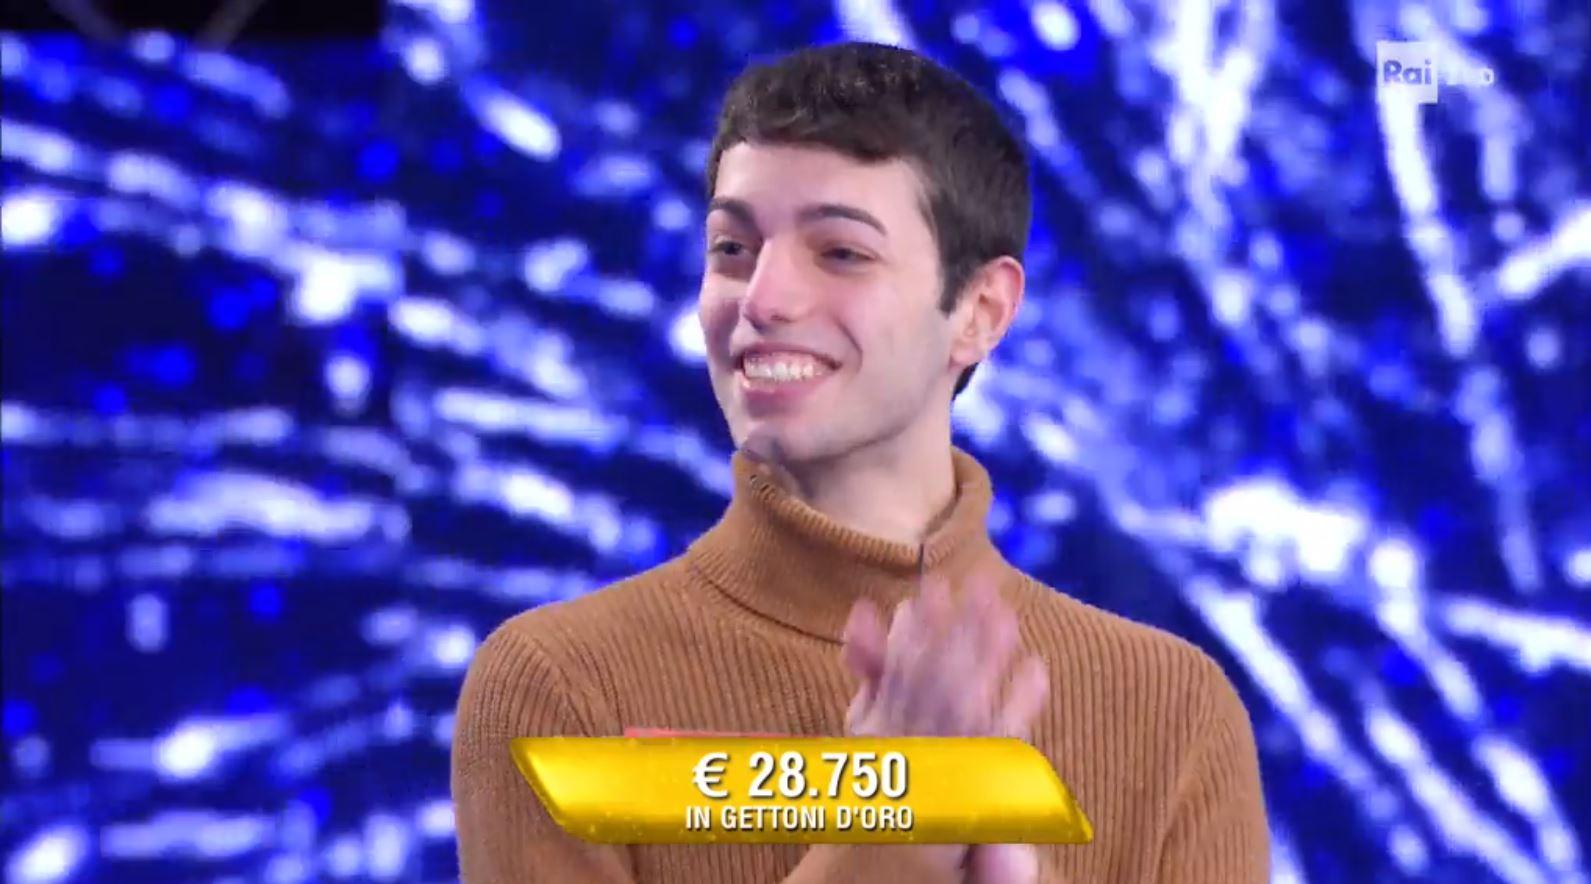 L'Eredità Leonardo Posti di Roma Ghigliottina 28750 euro